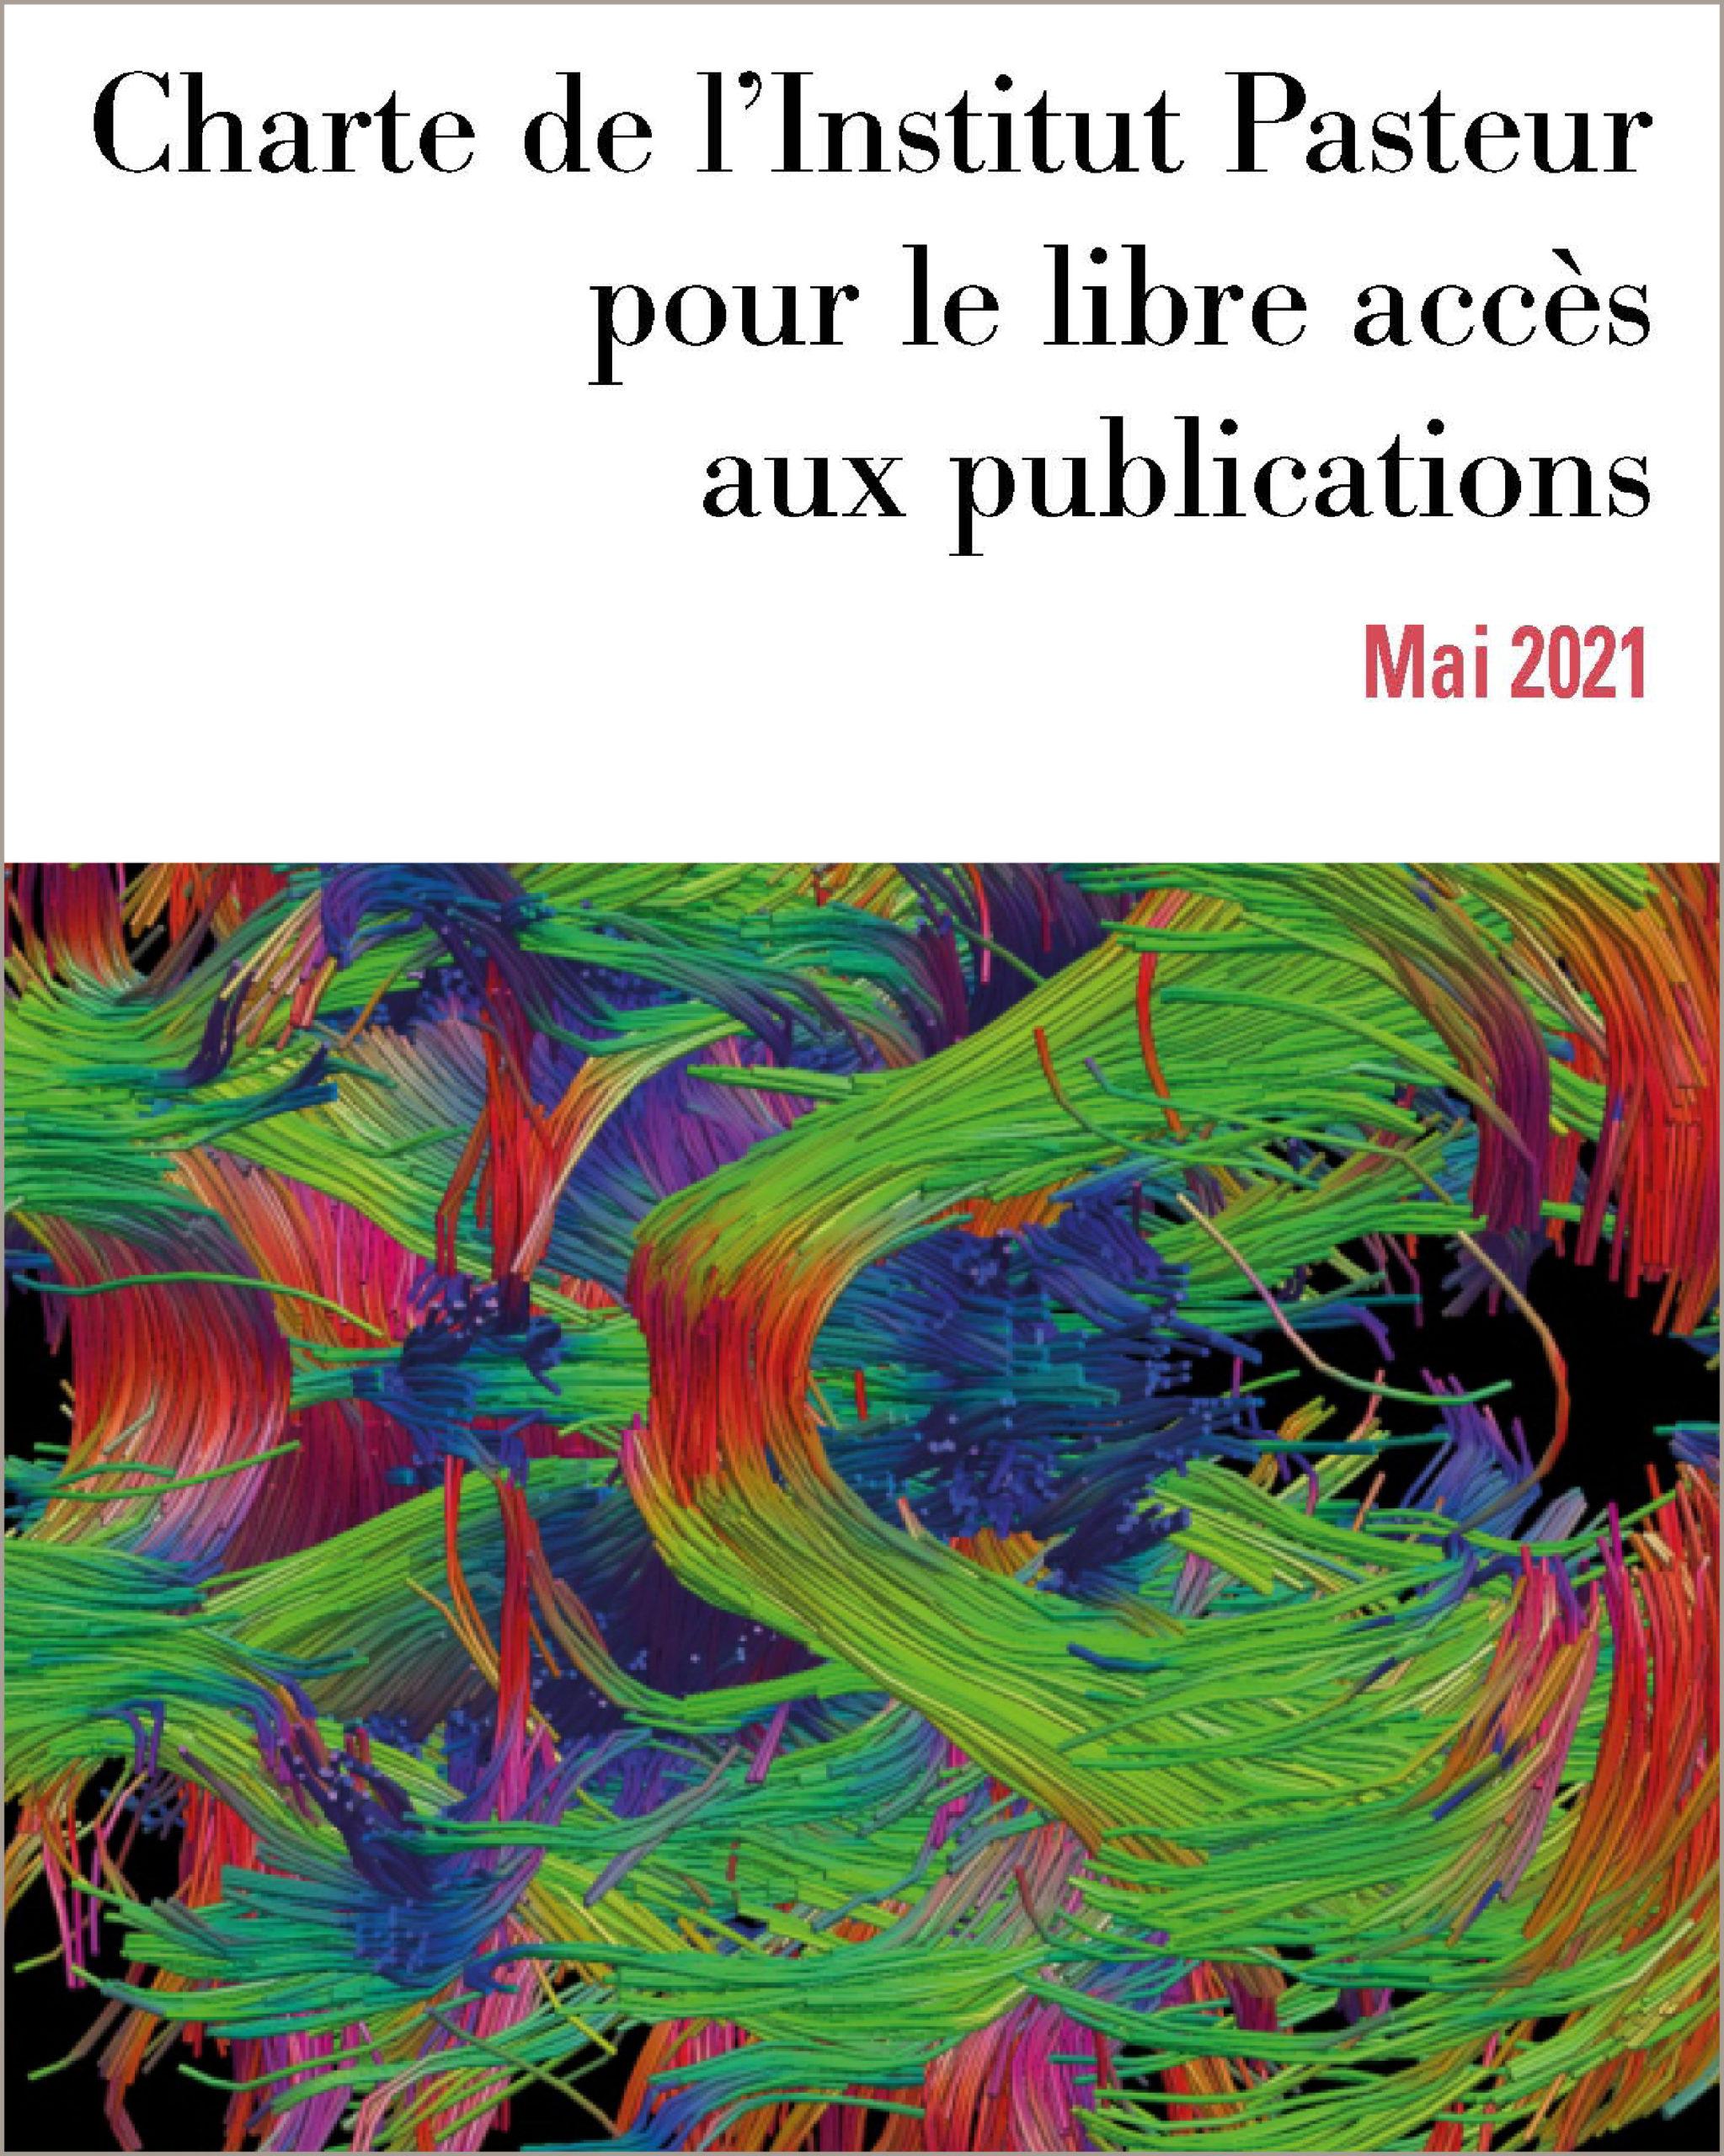 Charte de l'Institut Pasteur pour le libre accès aux publications